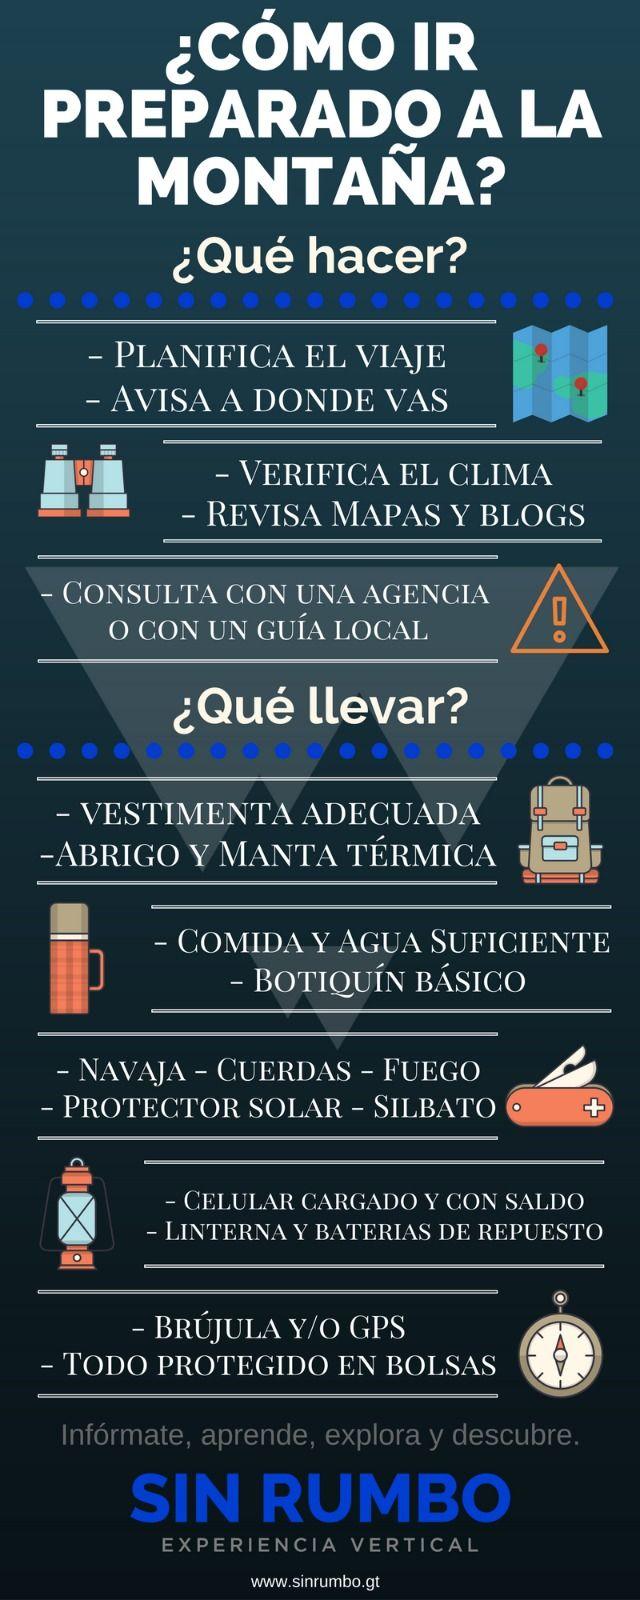 tips-que-llevar-a-la-montana-montanismo-guatemala1